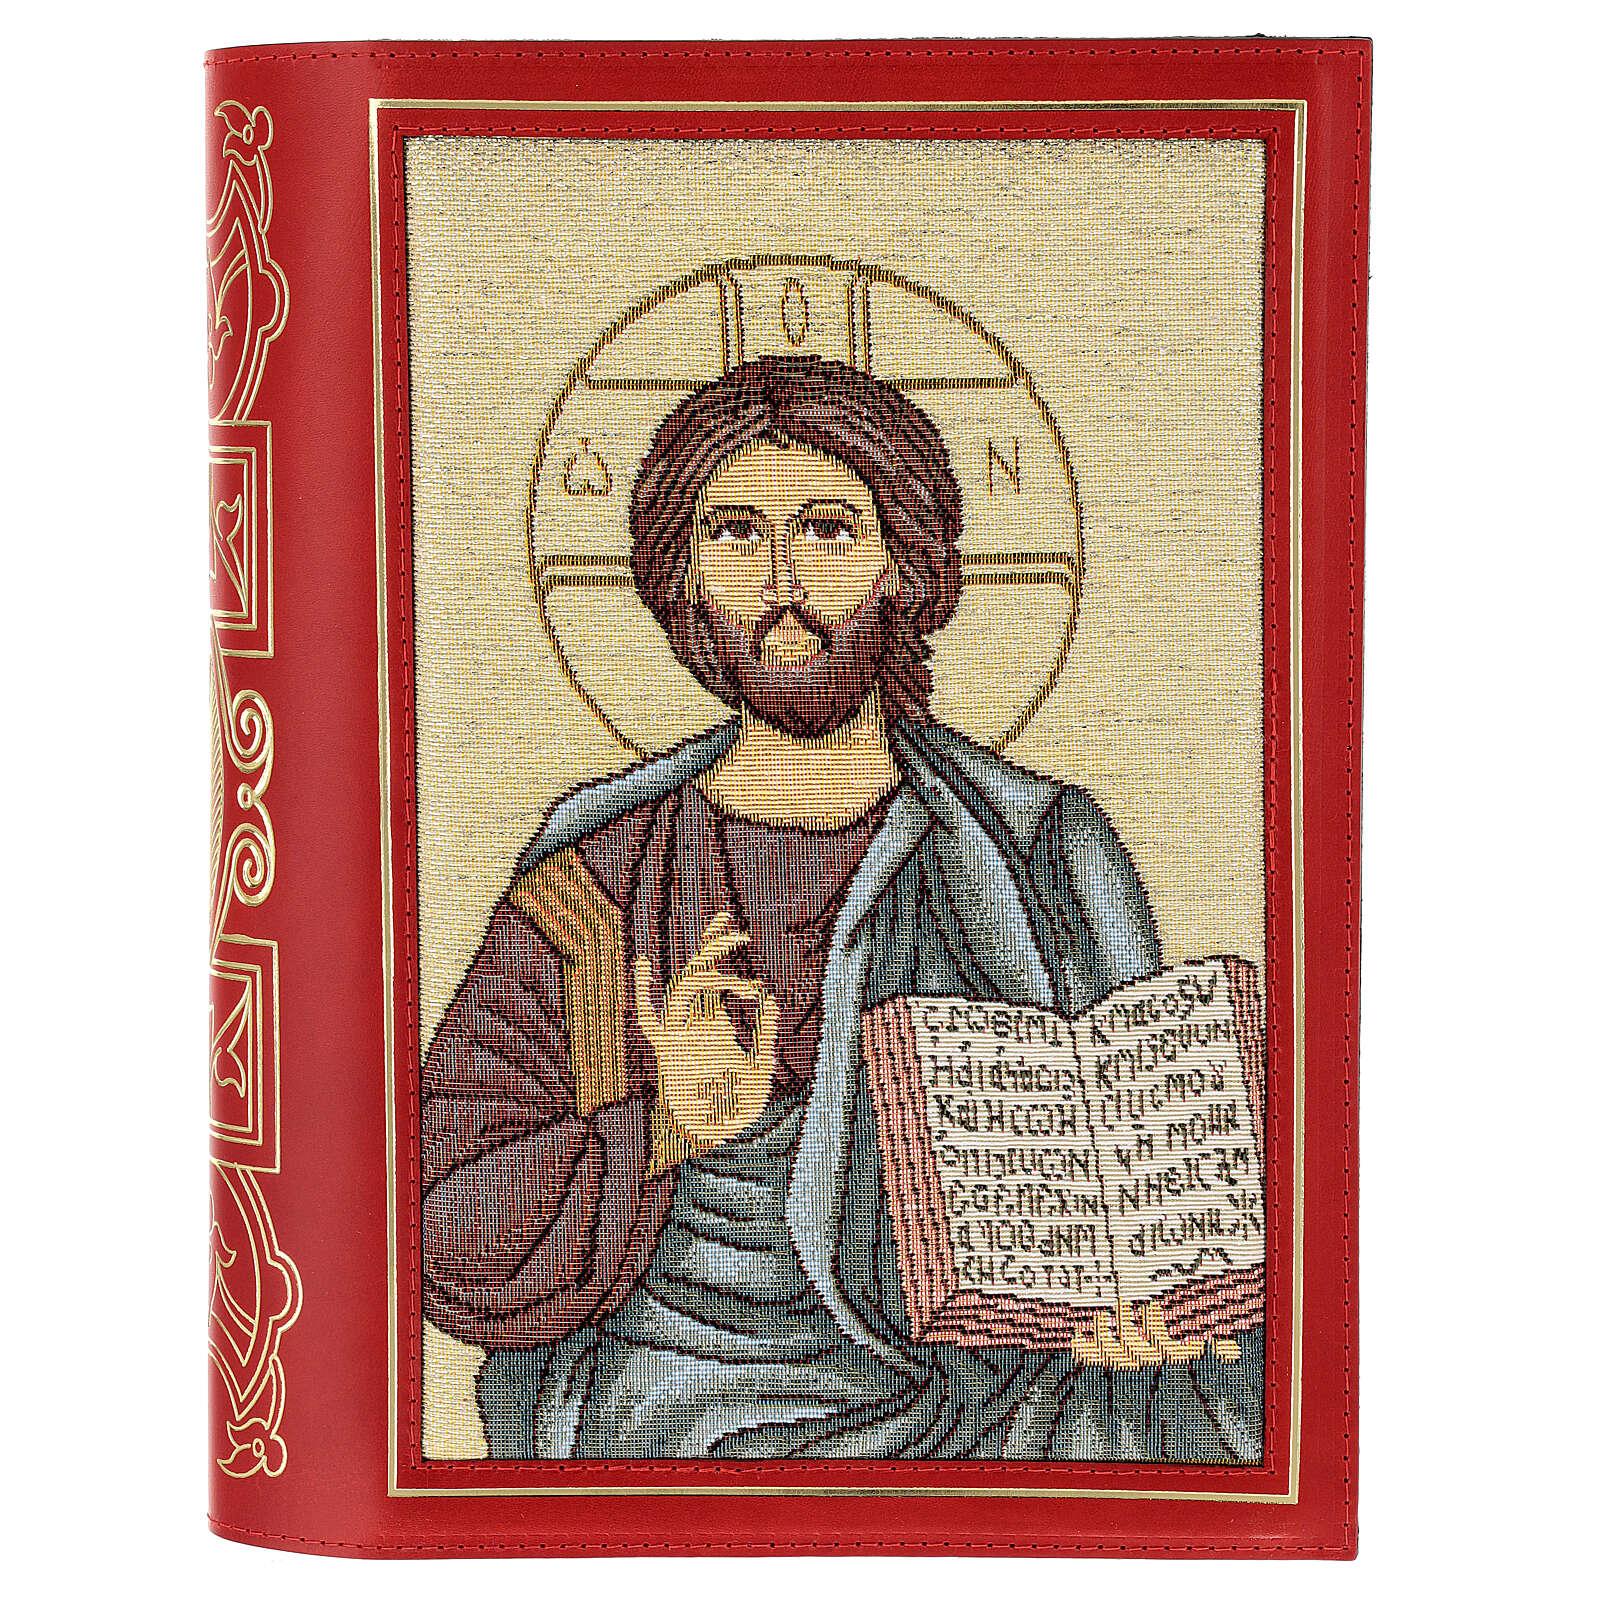 Copertina in pelle rossa tessuto Messale III edizione 4